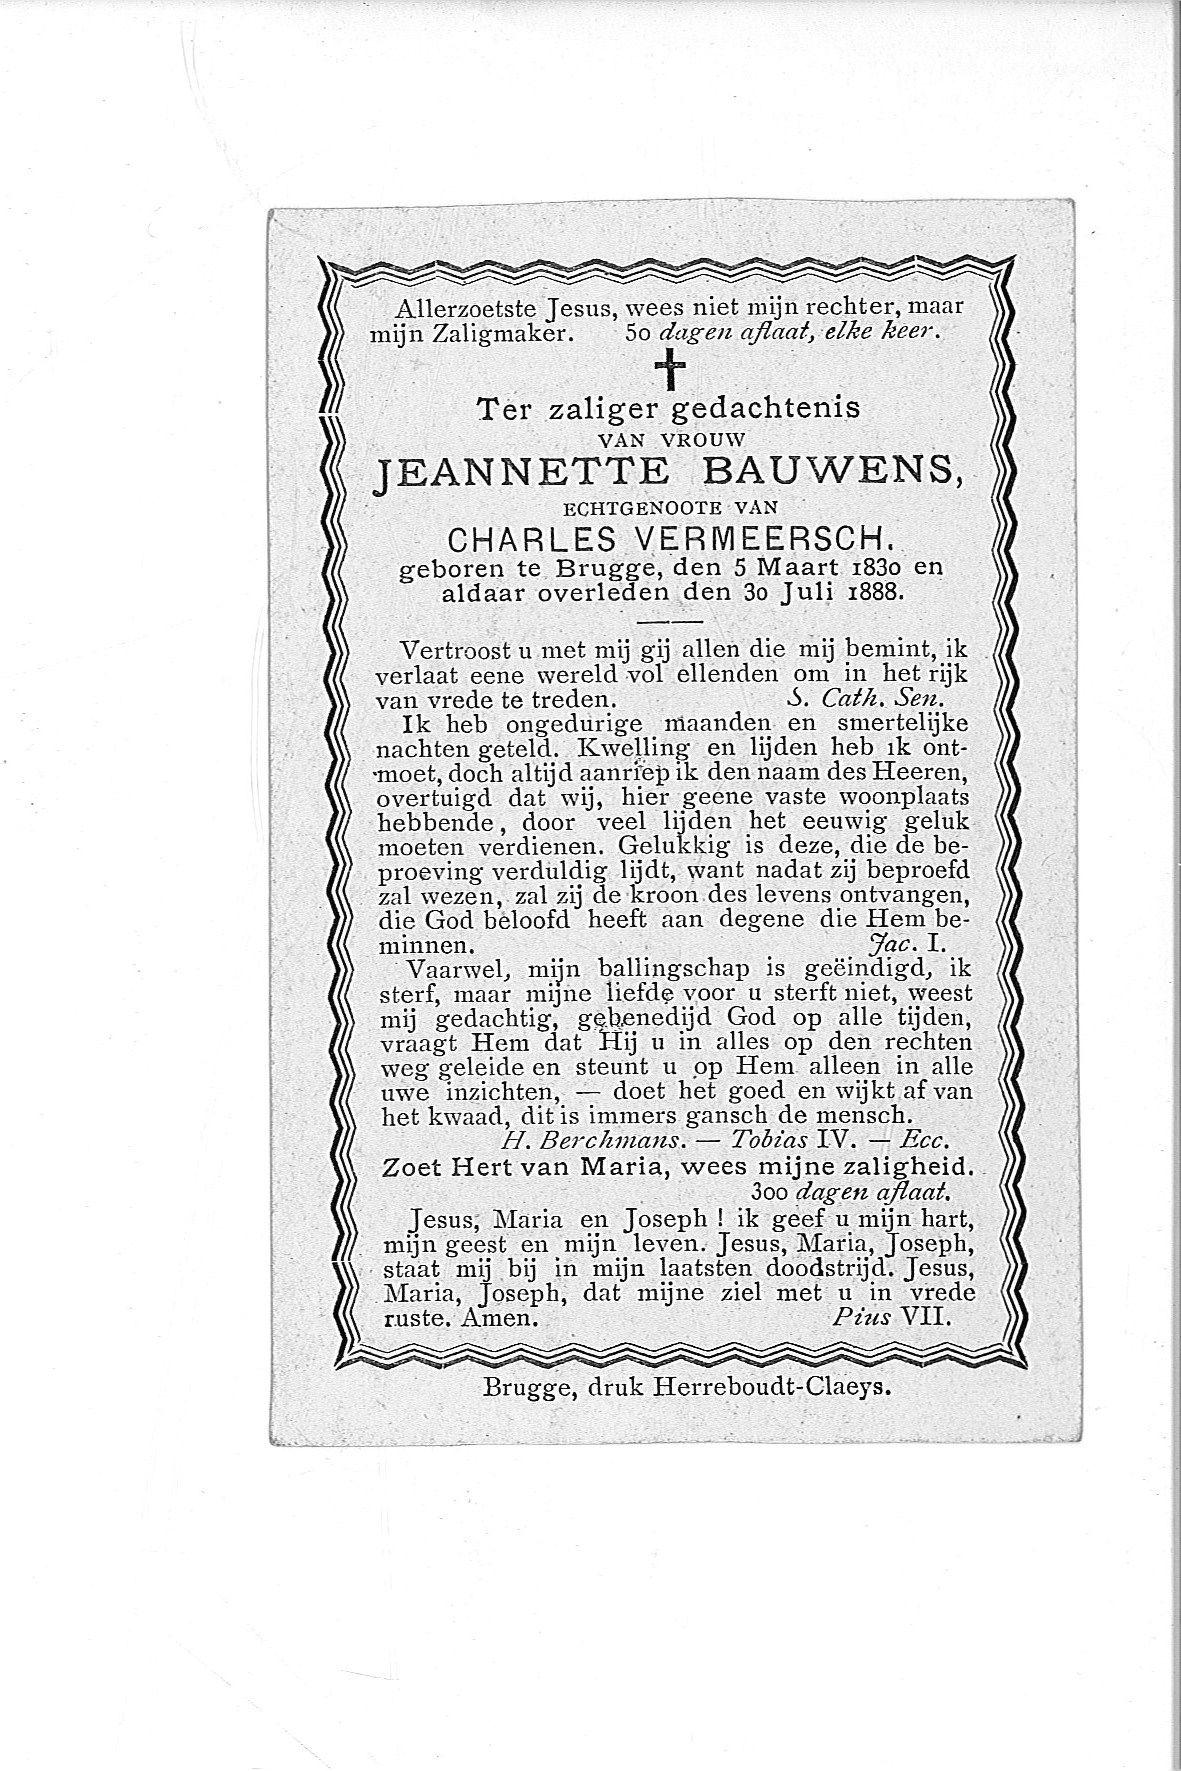 jeannette(1888)20090723104548_00035.jpg